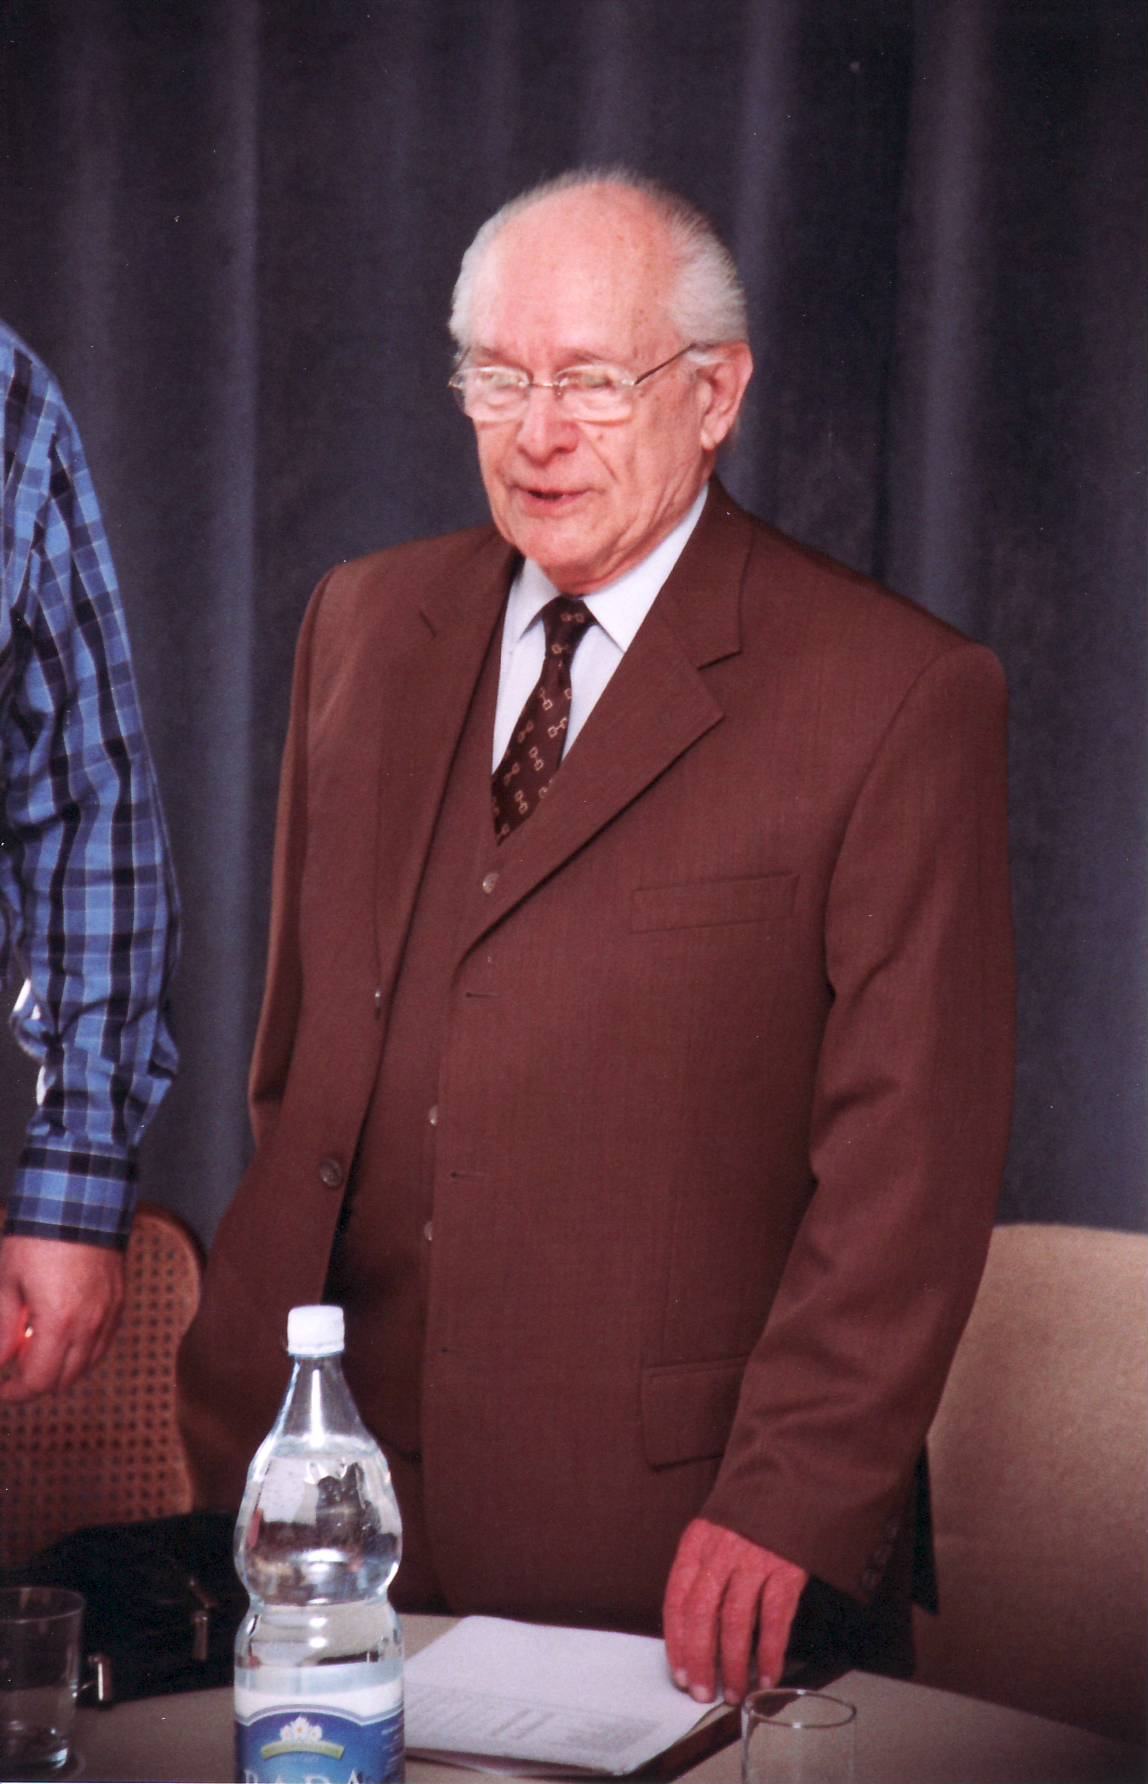 prof. Ivan-Ivica L. Zuber